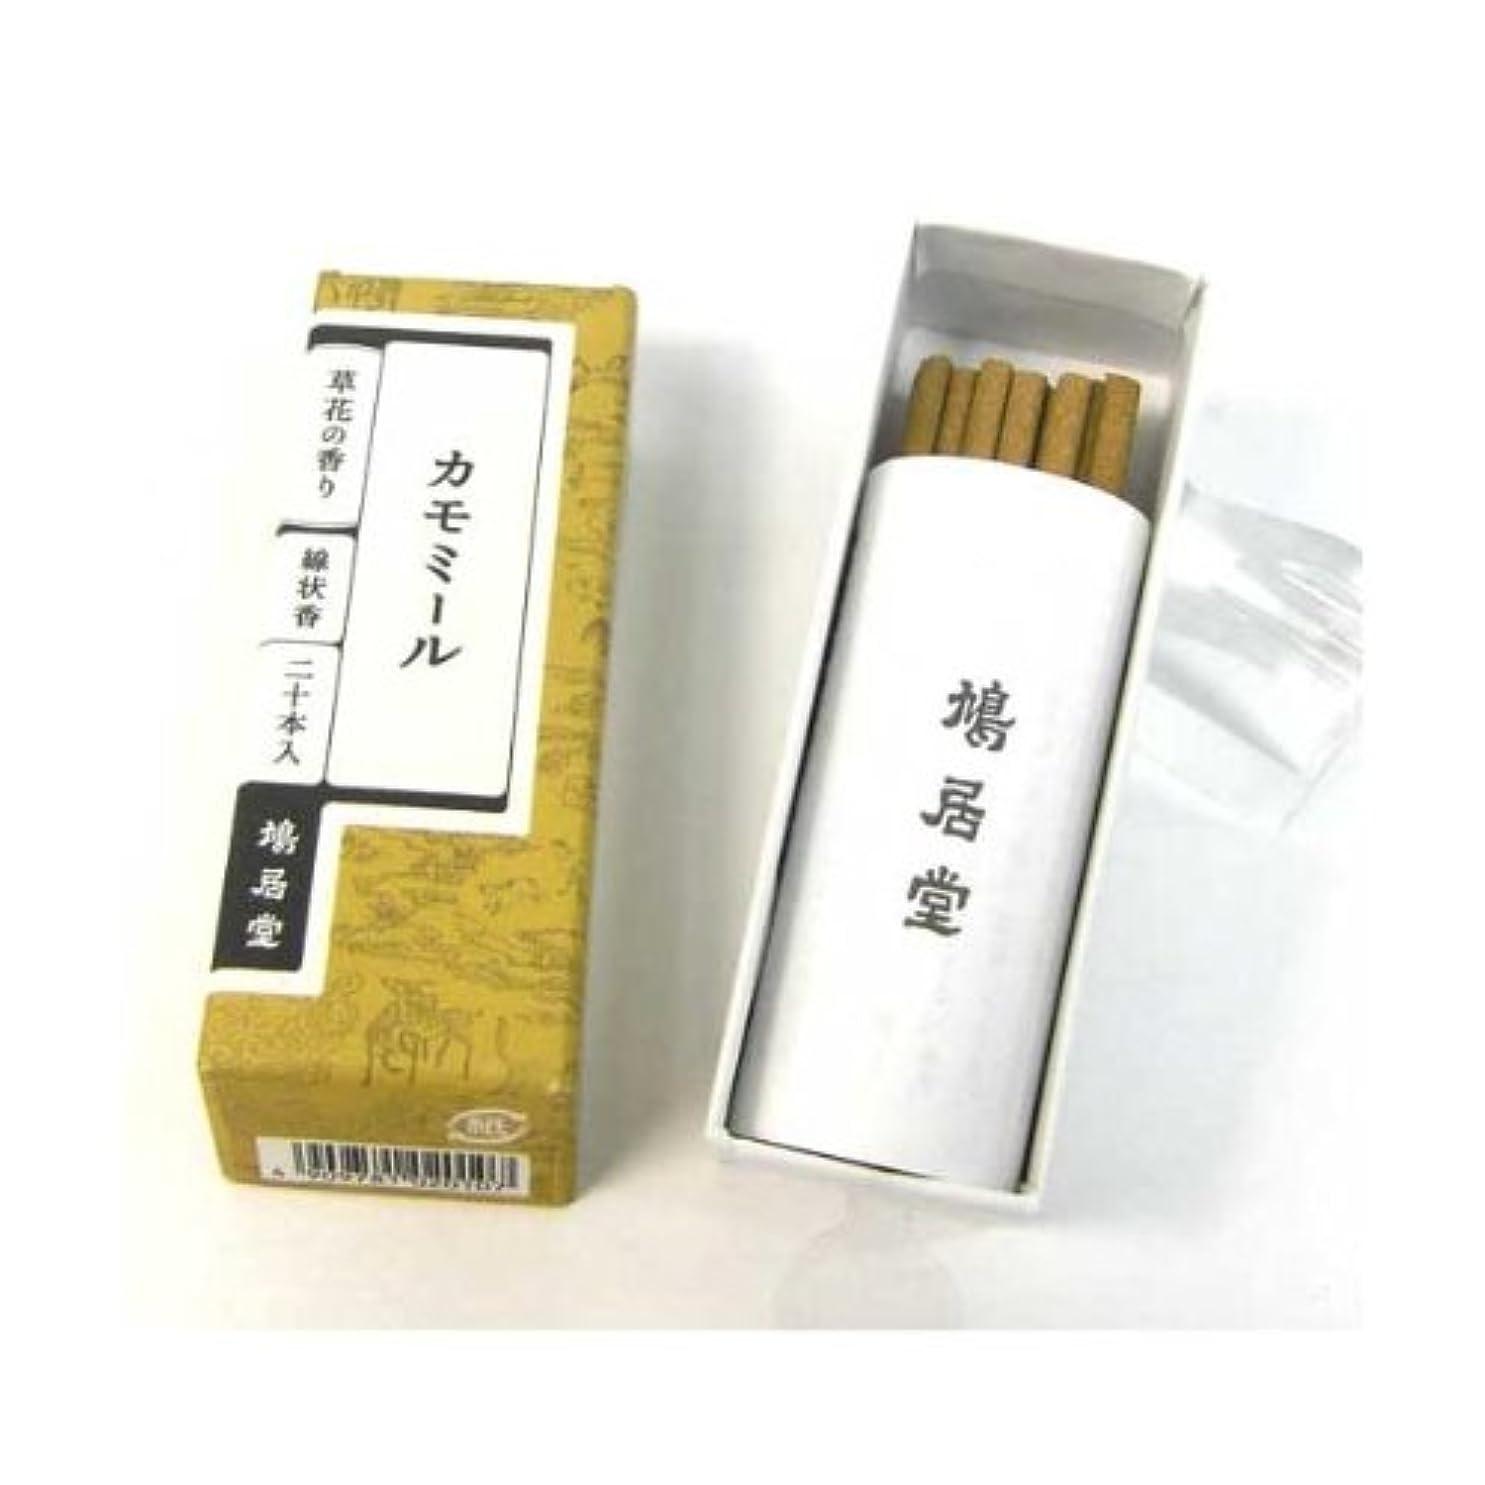 パイルリアル周辺鳩居堂 お香 カモミール 草花の香りシリーズ スティックタイプ(棒状香)20本いり